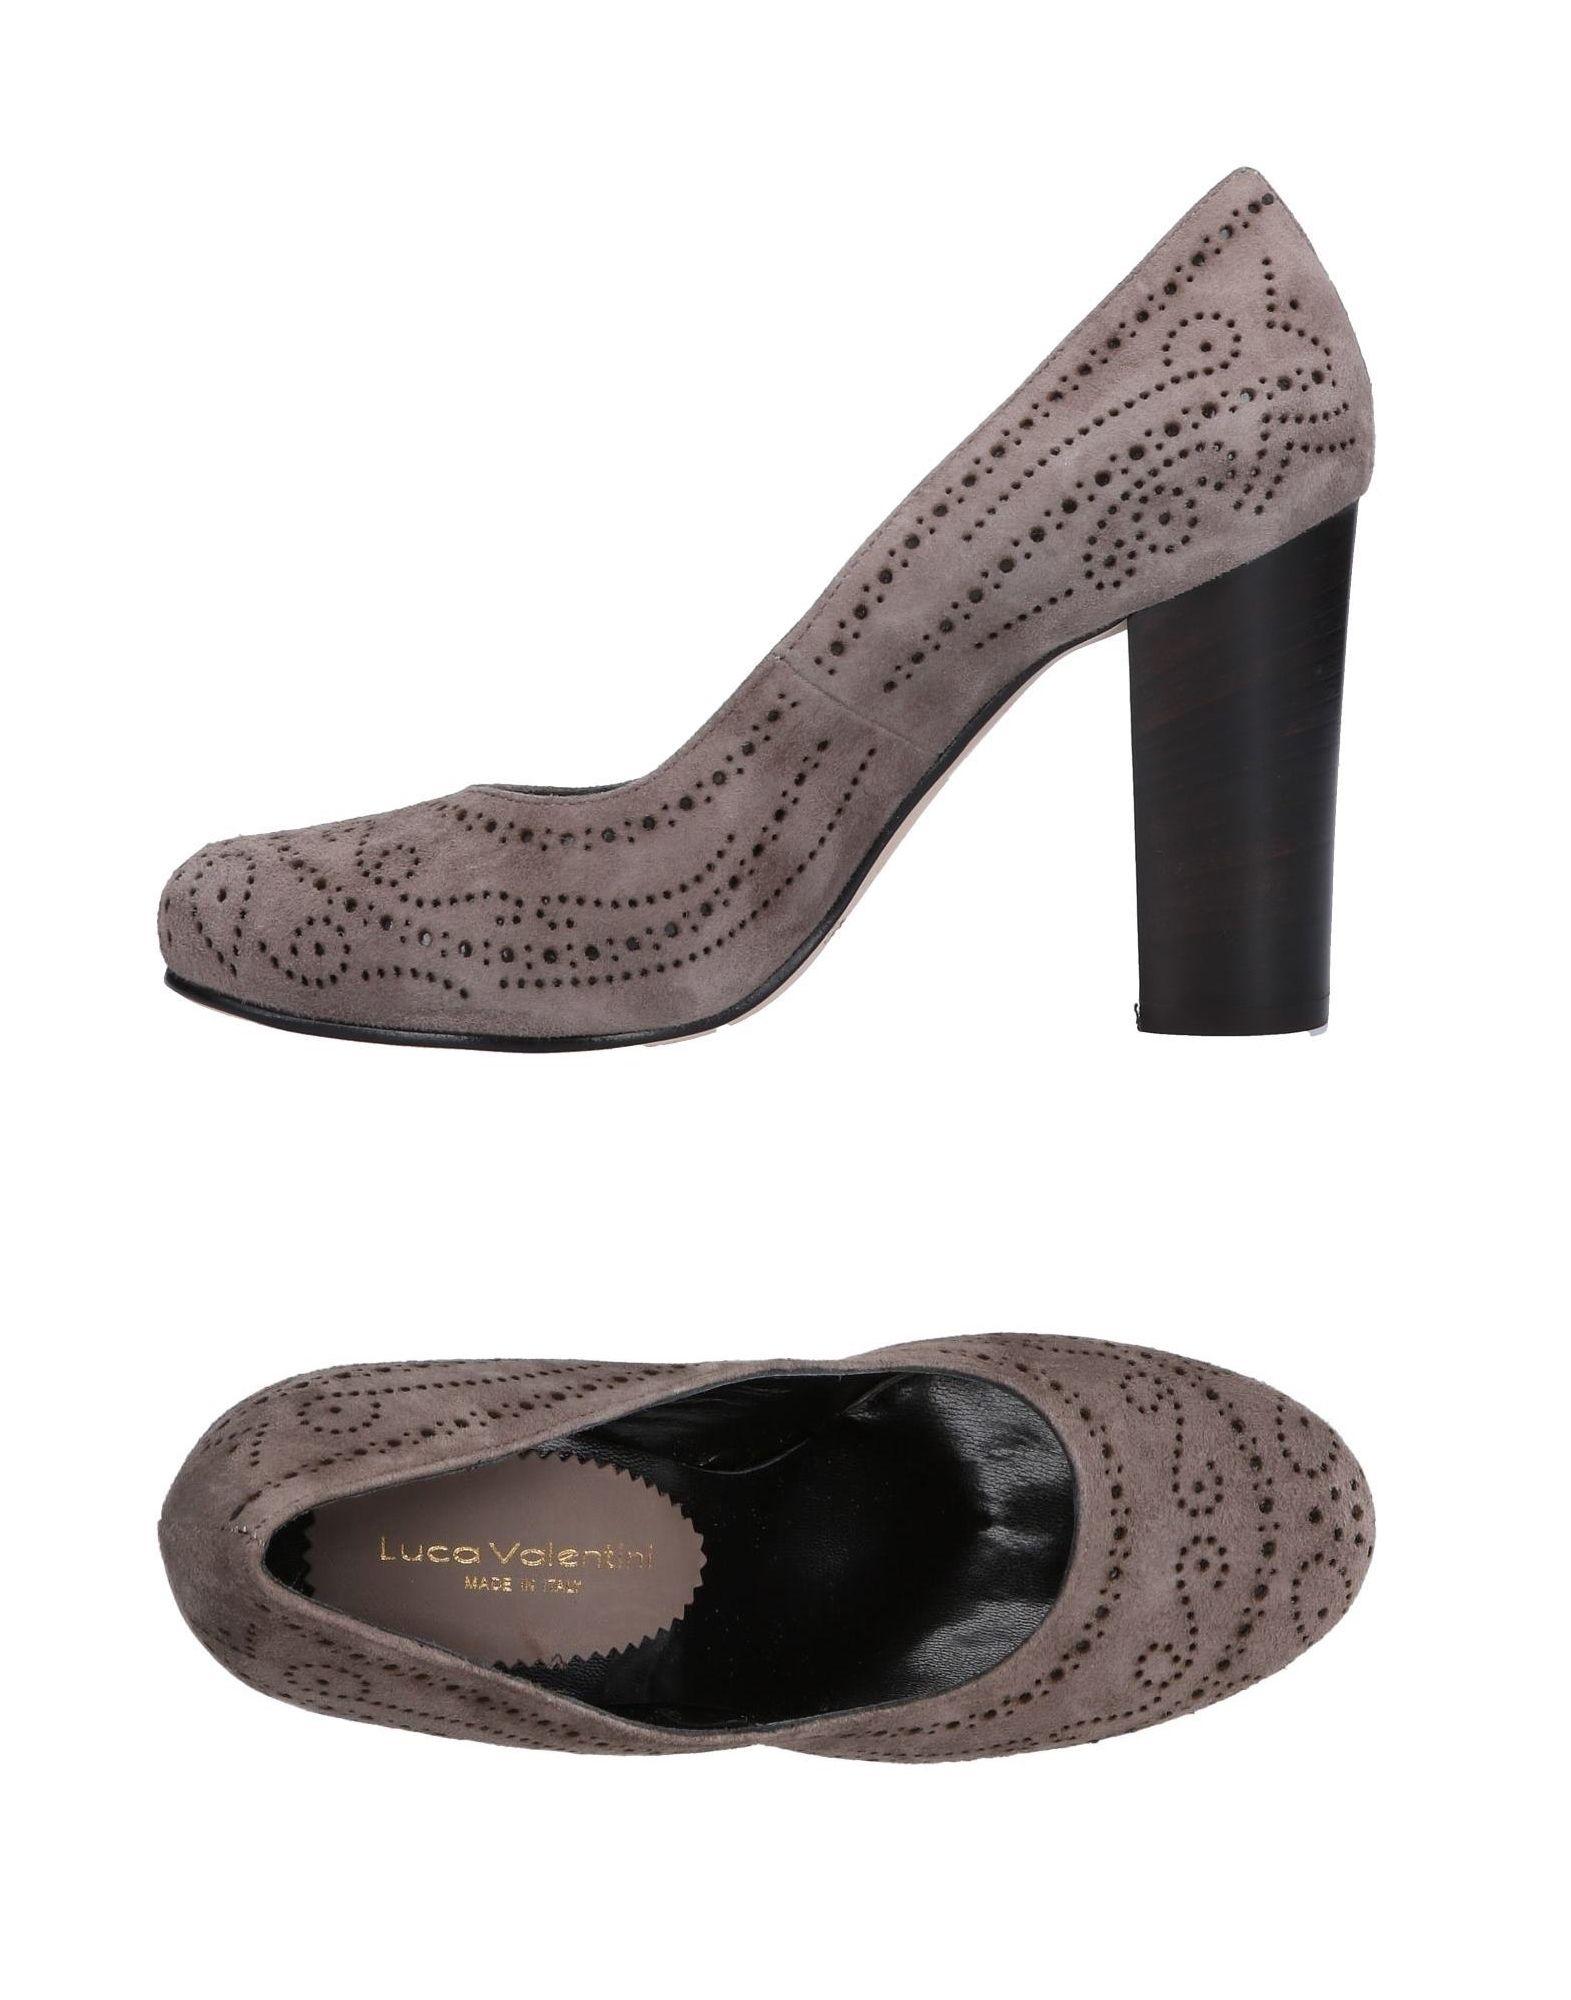 Sandali Castañer offerte Donna - 11522541BH Nuove offerte Castañer e scarpe comode 6c231d